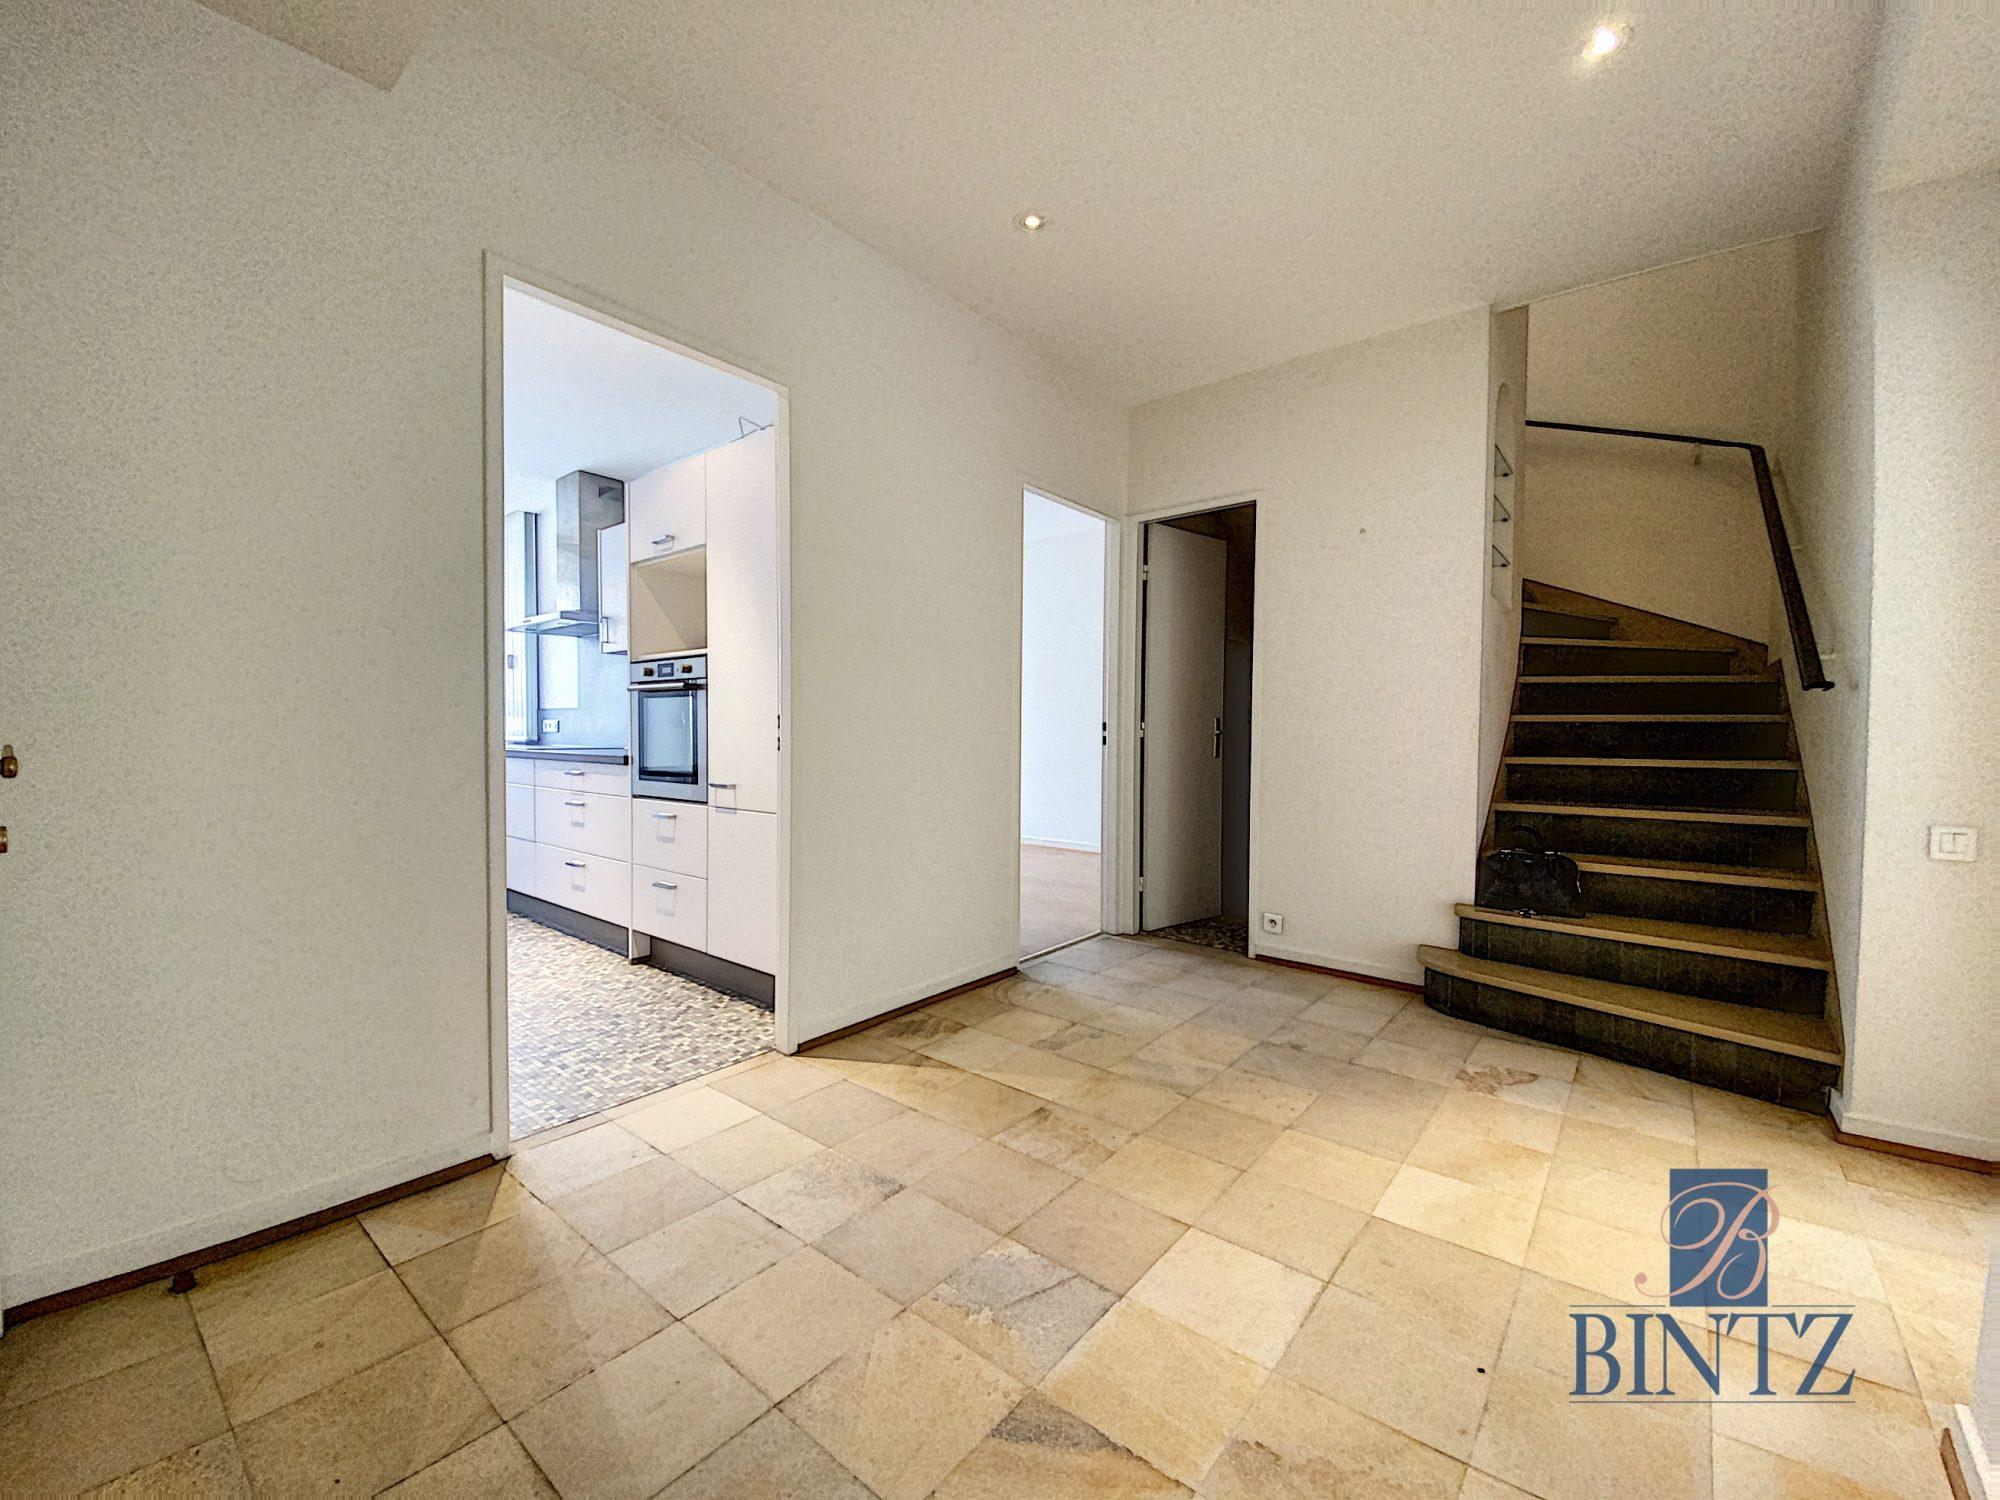 5-6 PIÈCES QUARTIER CONTADES - Devenez locataire en toute sérénité - Bintz Immobilier - 7